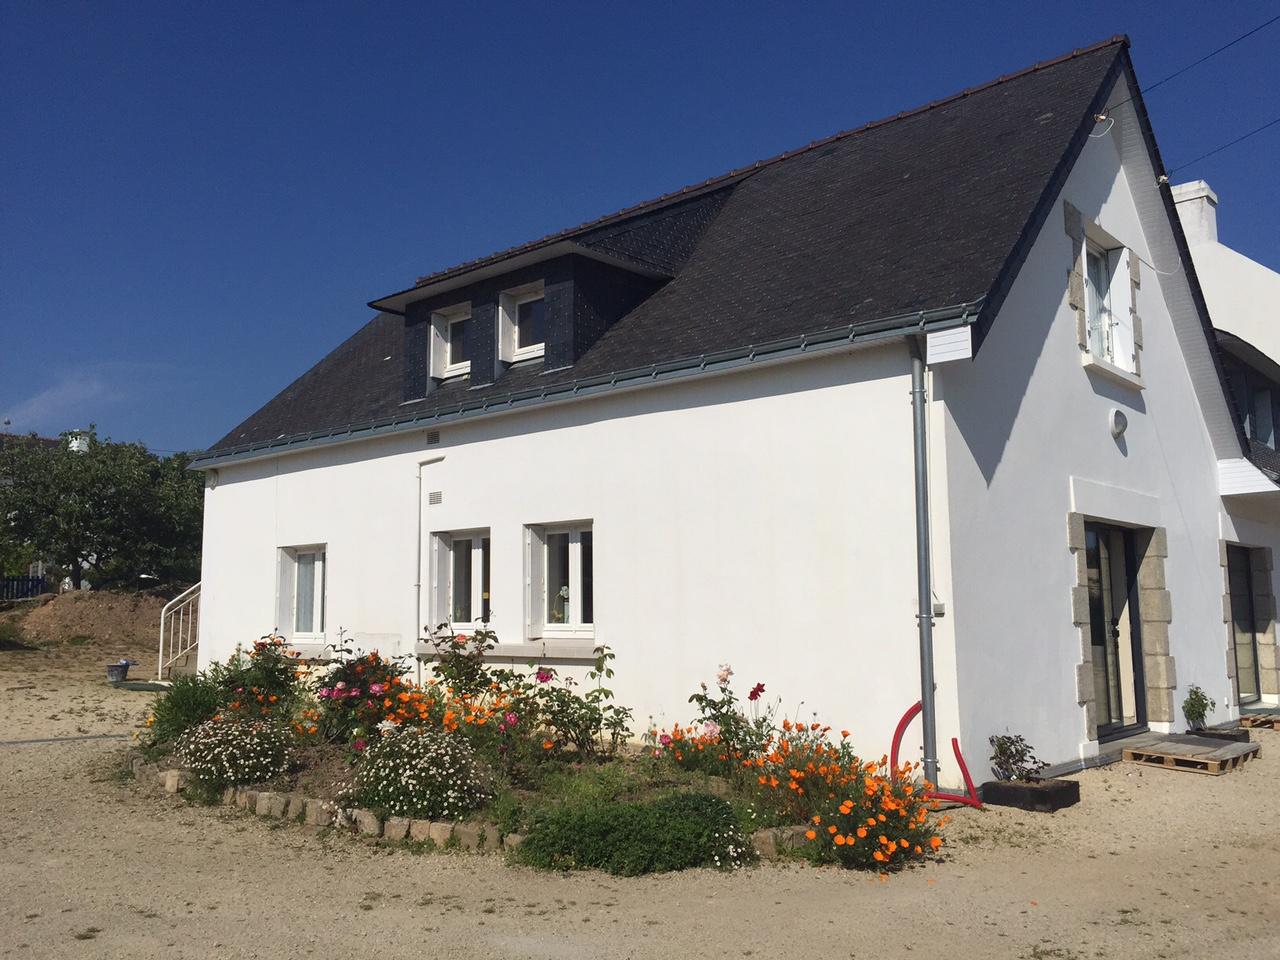 Location de vacances Appartement Clohars-Carnoët (29360)